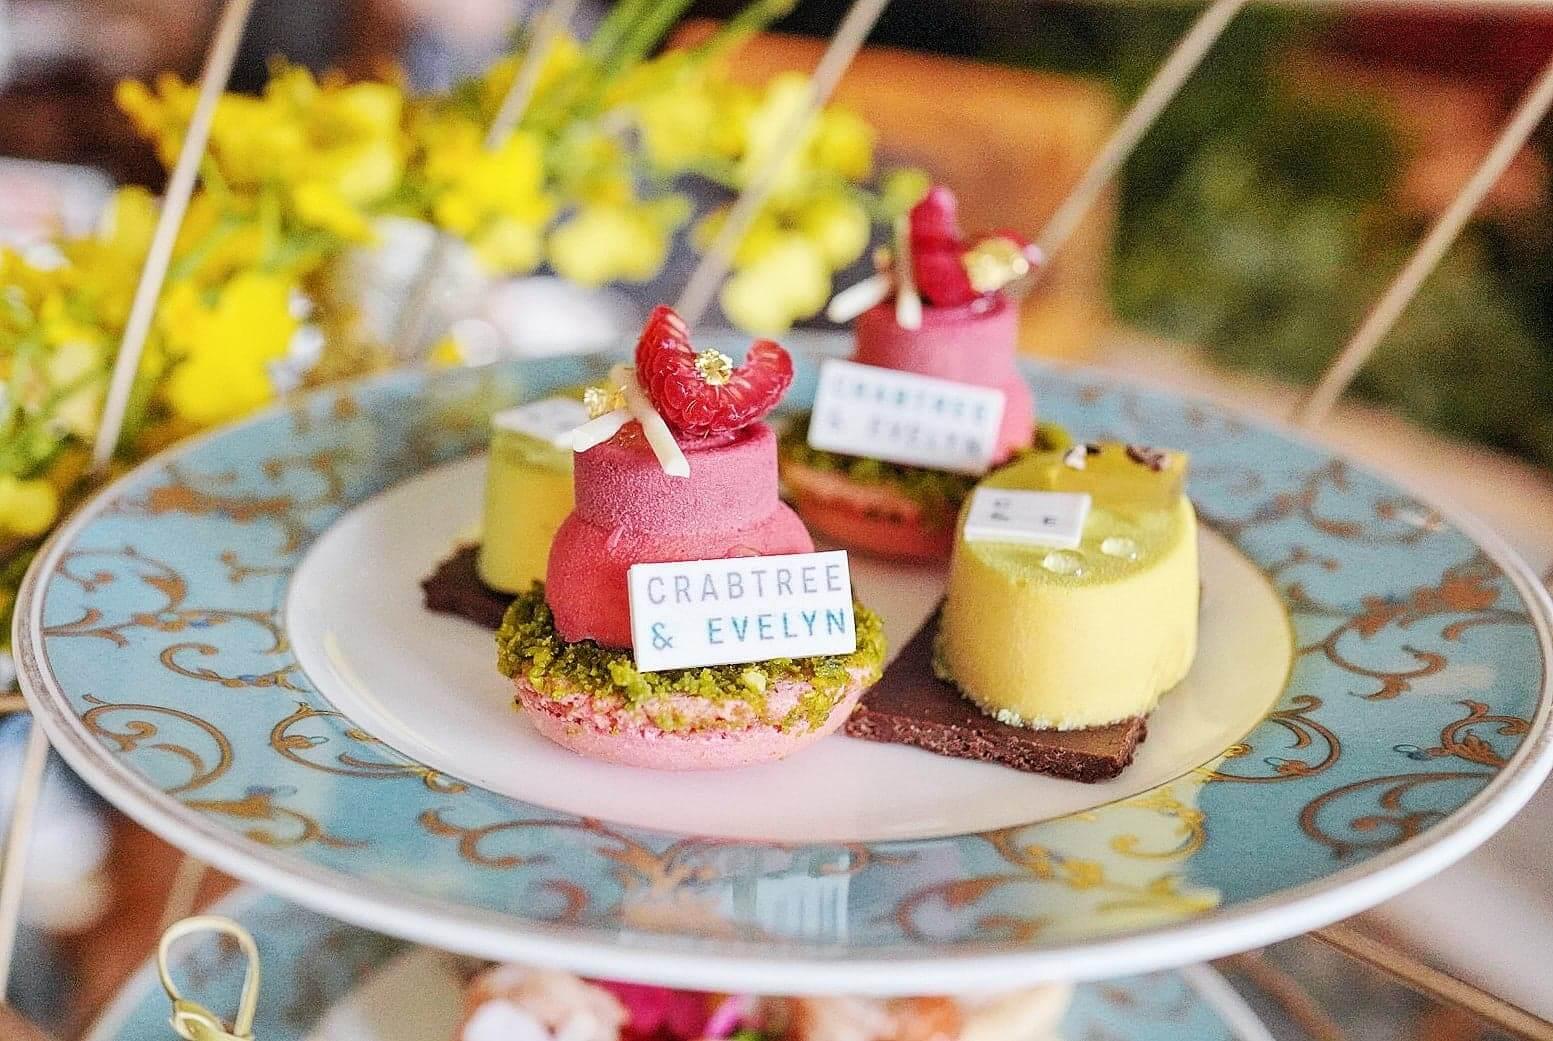 甜品分2層,共4款,分別採用Crabtree & Evelyn嘅四大系列成份製作。